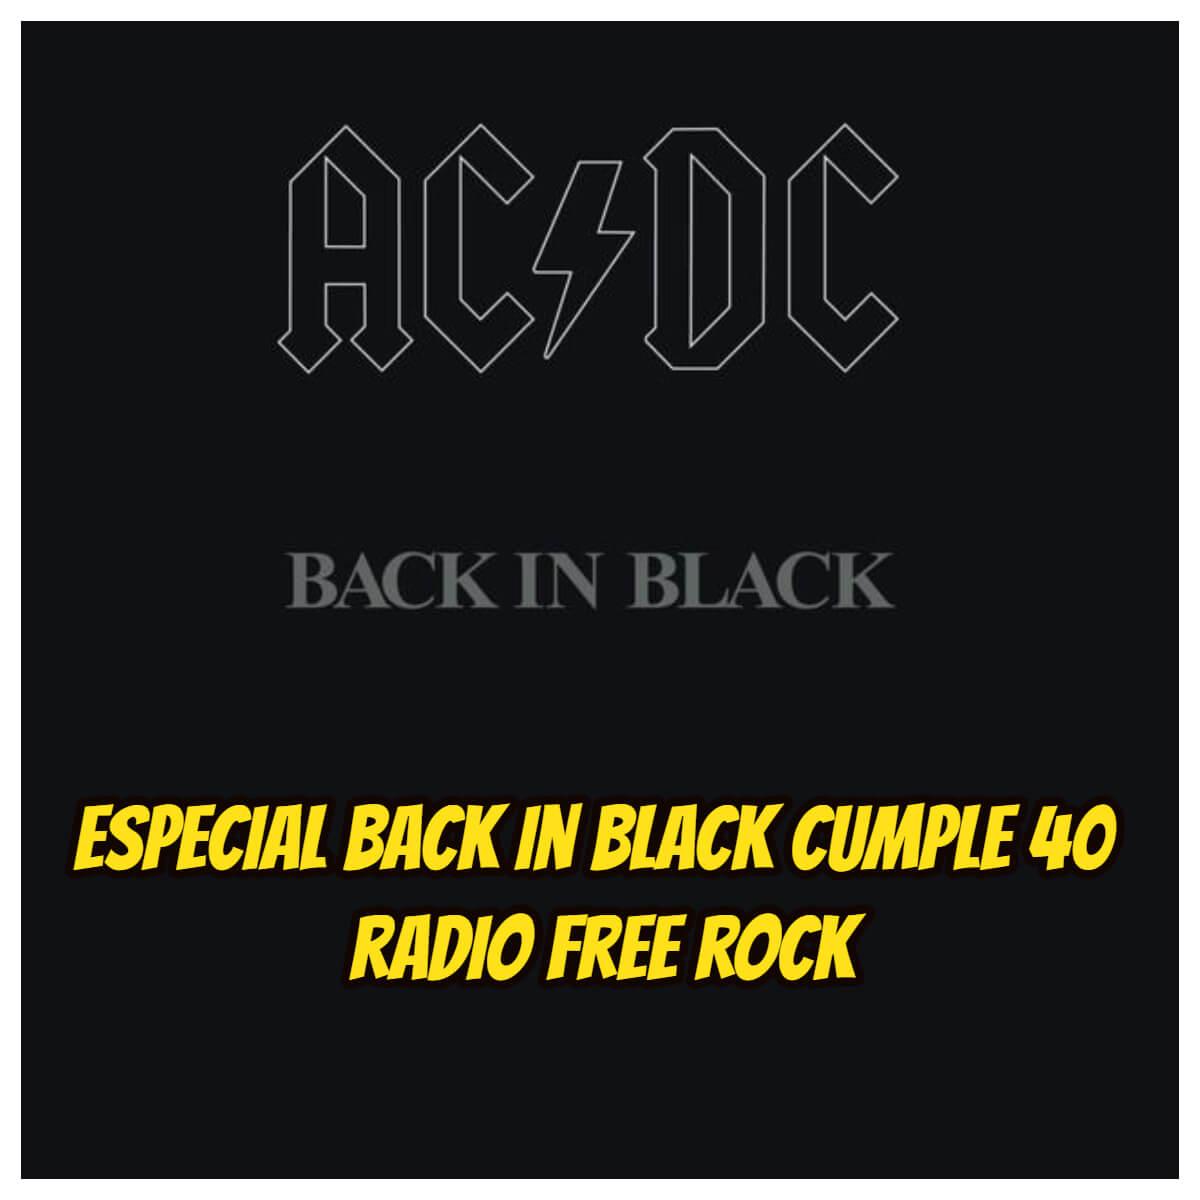 Back-in-black-acdc-40